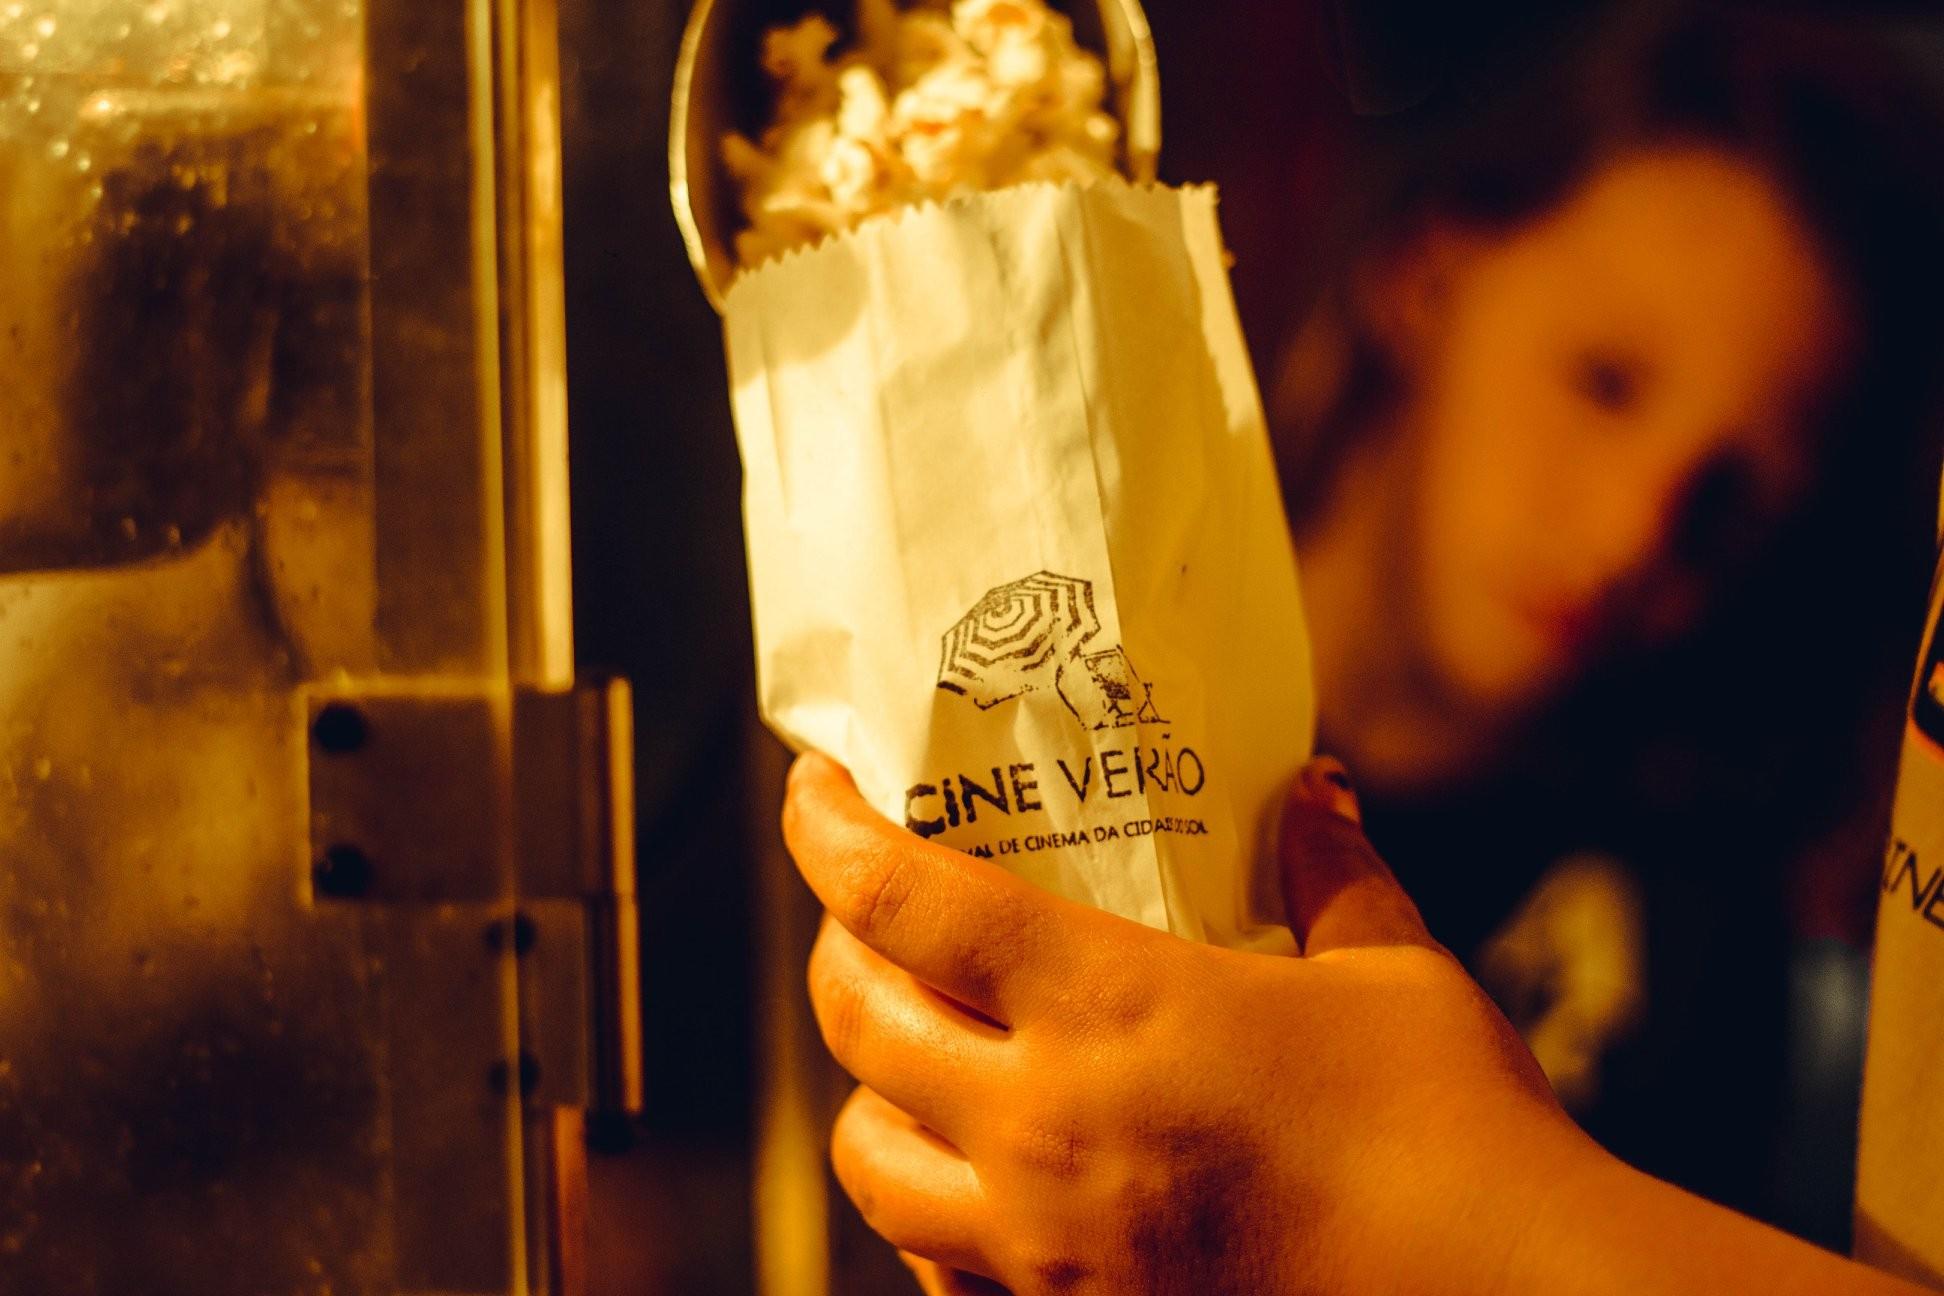 Cine Verão divulga programação da edição 2019 em Natal